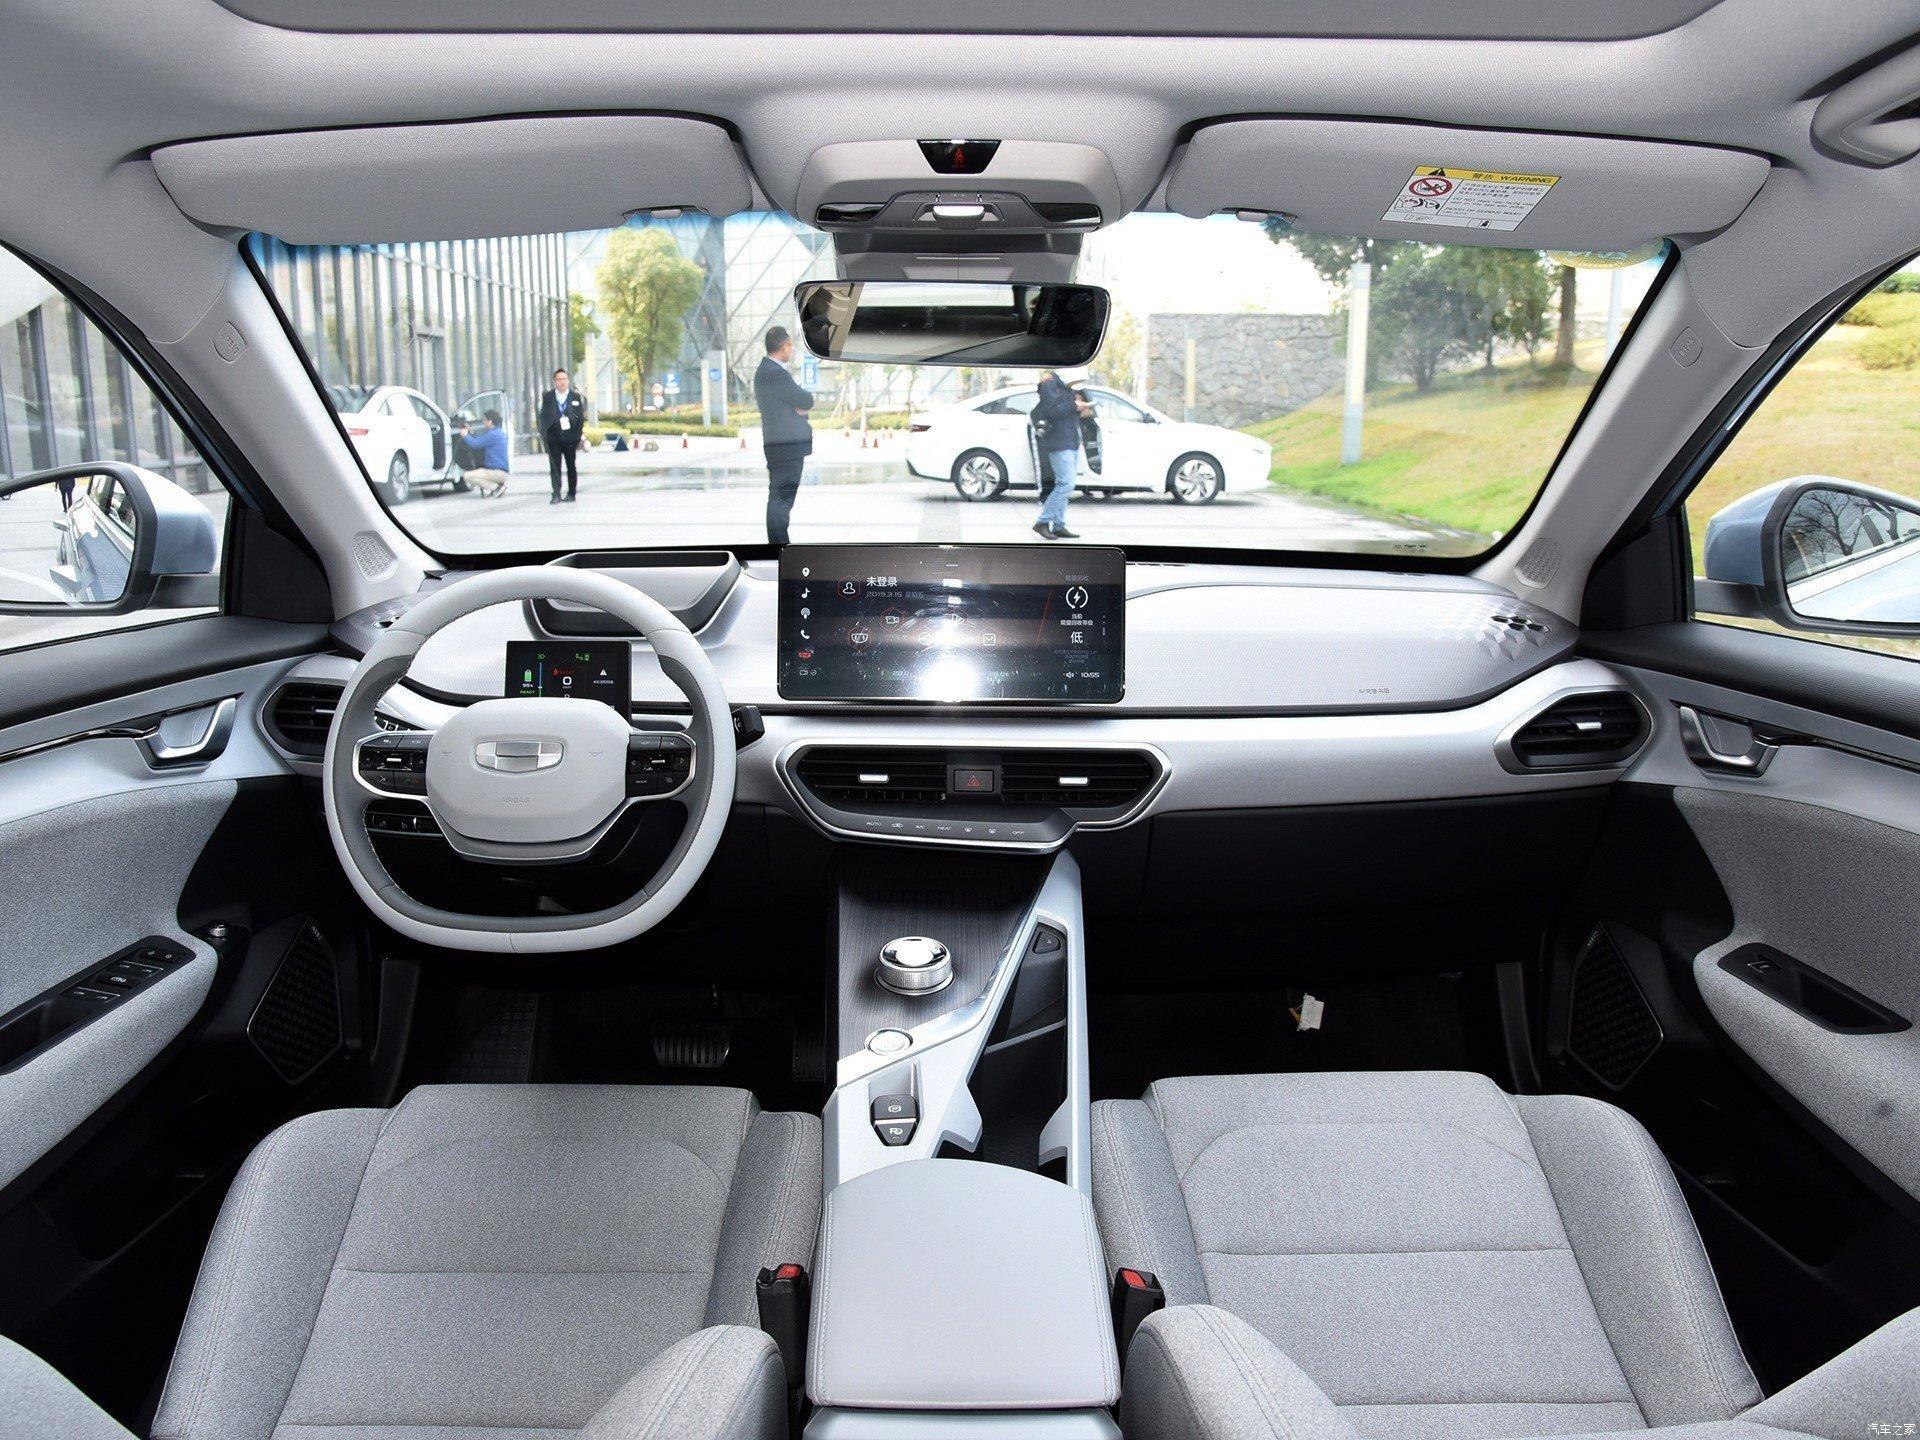 В Белоруссии засняли новейший электромобиль Geely. Он будет проходить сертификацию